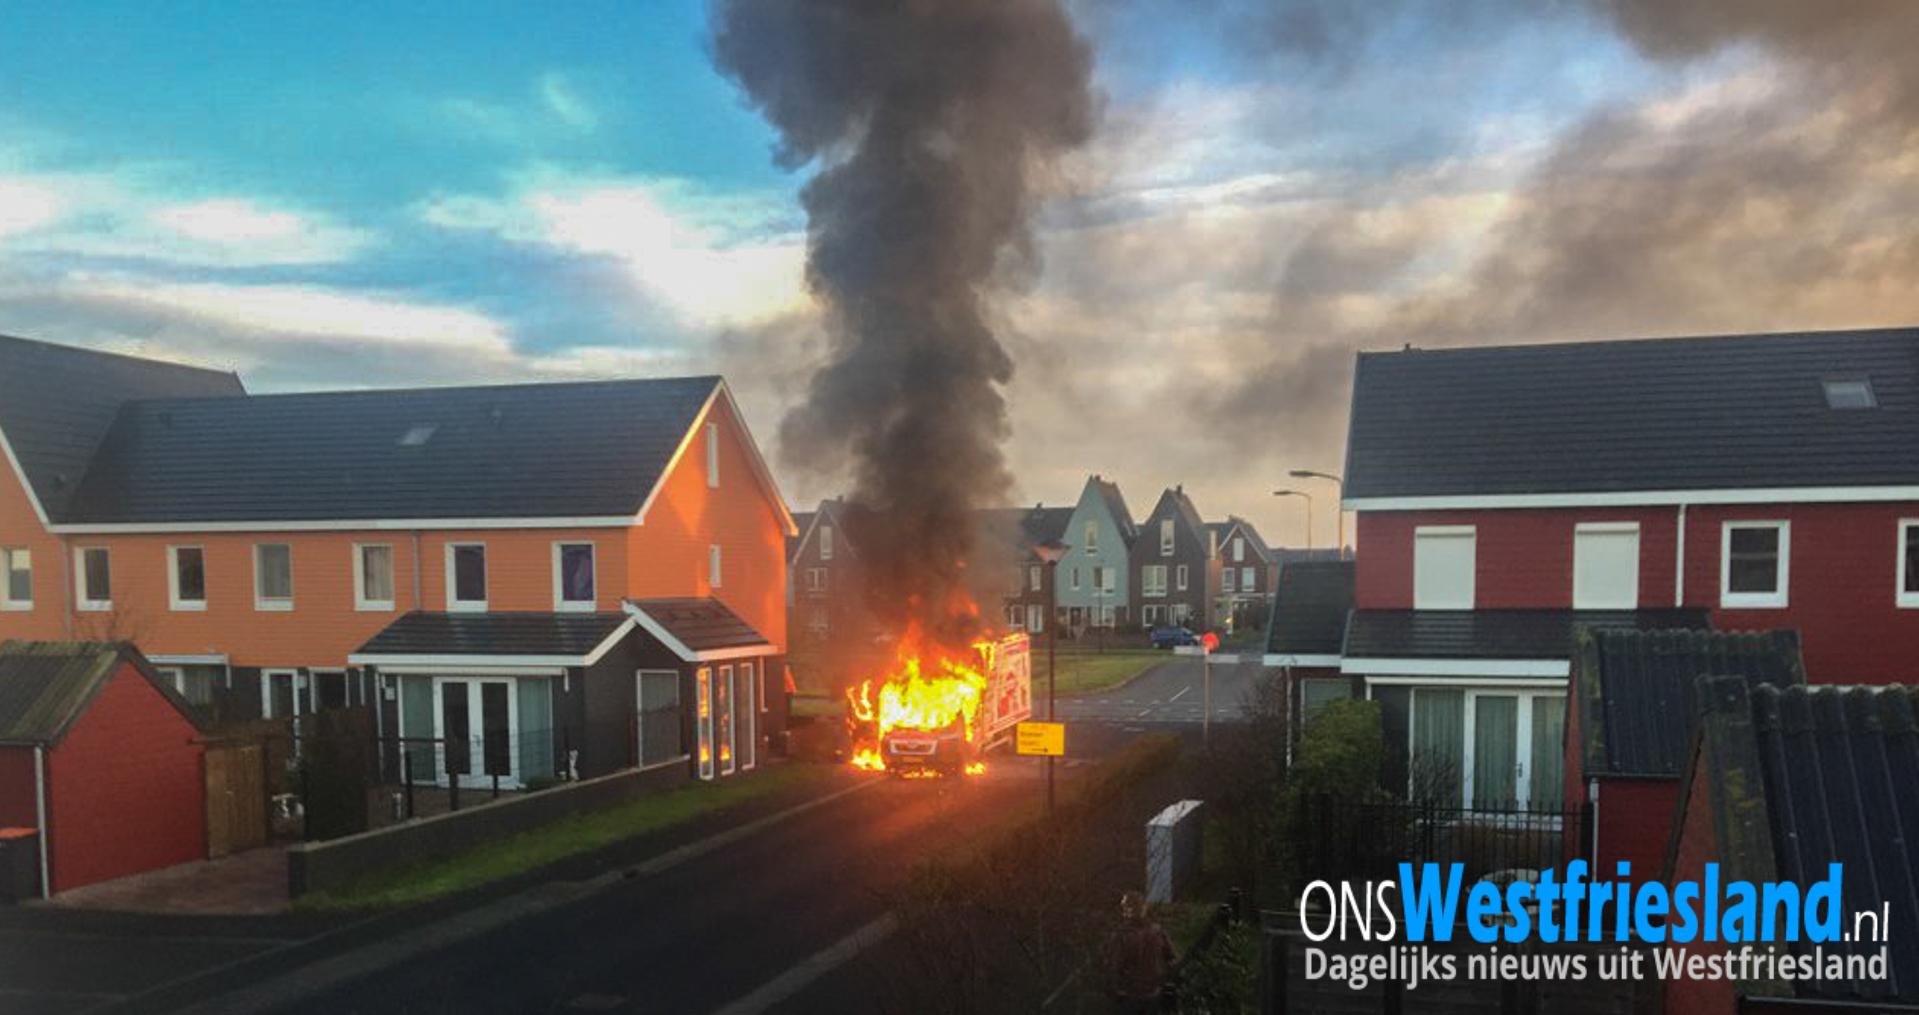 Bezorgauto Noppes compleet uitgebrand in woonwijk Zwaag